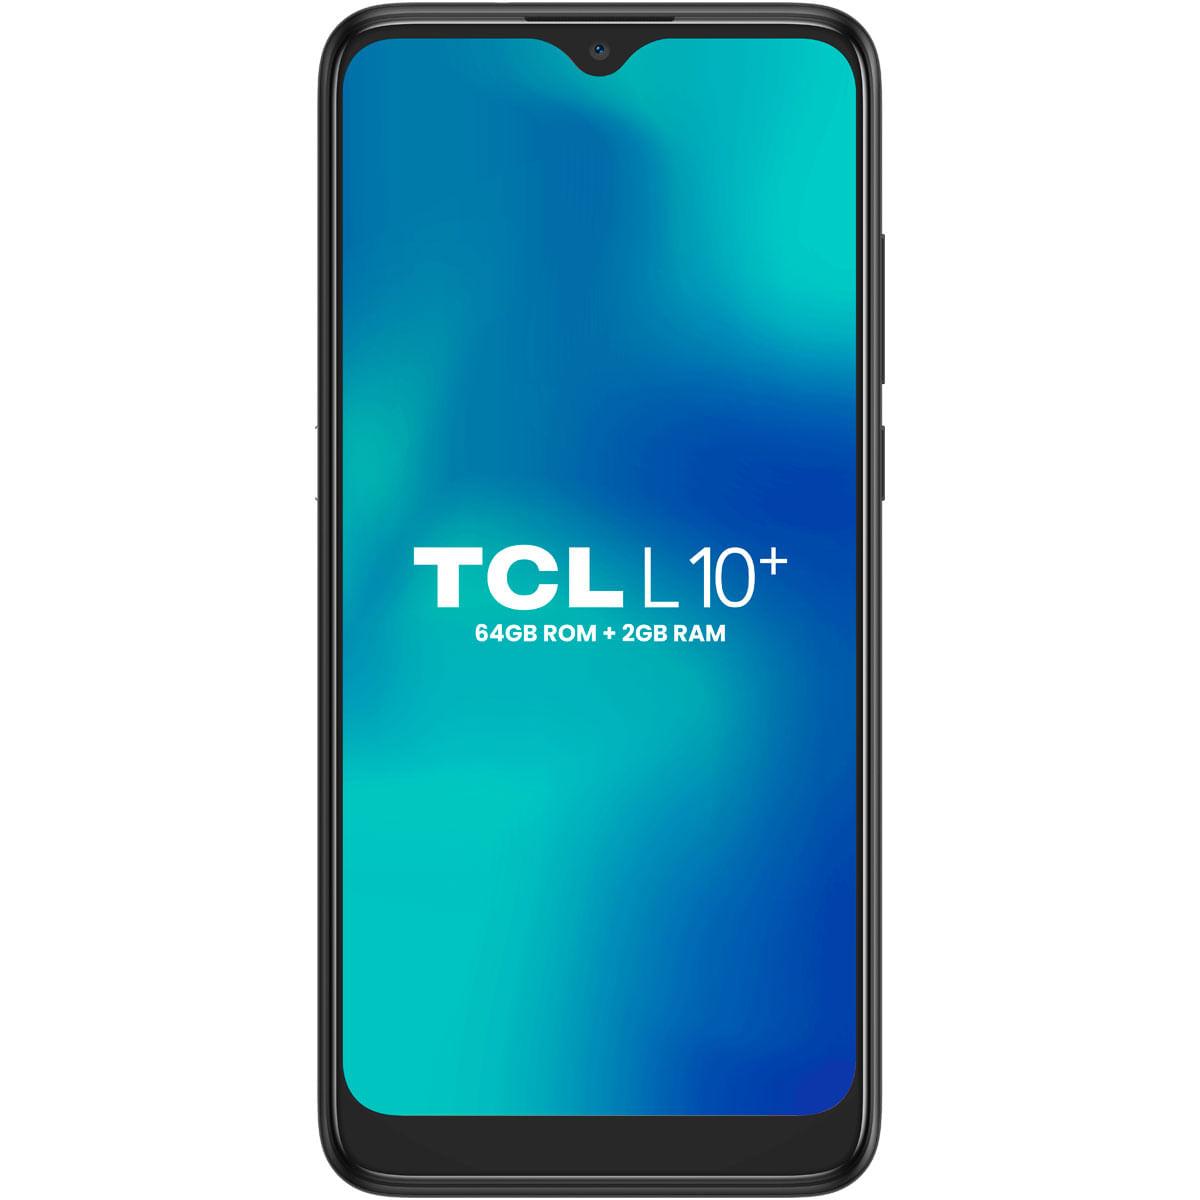 Imagem de Smartphone TCL L10 Plus 64GB